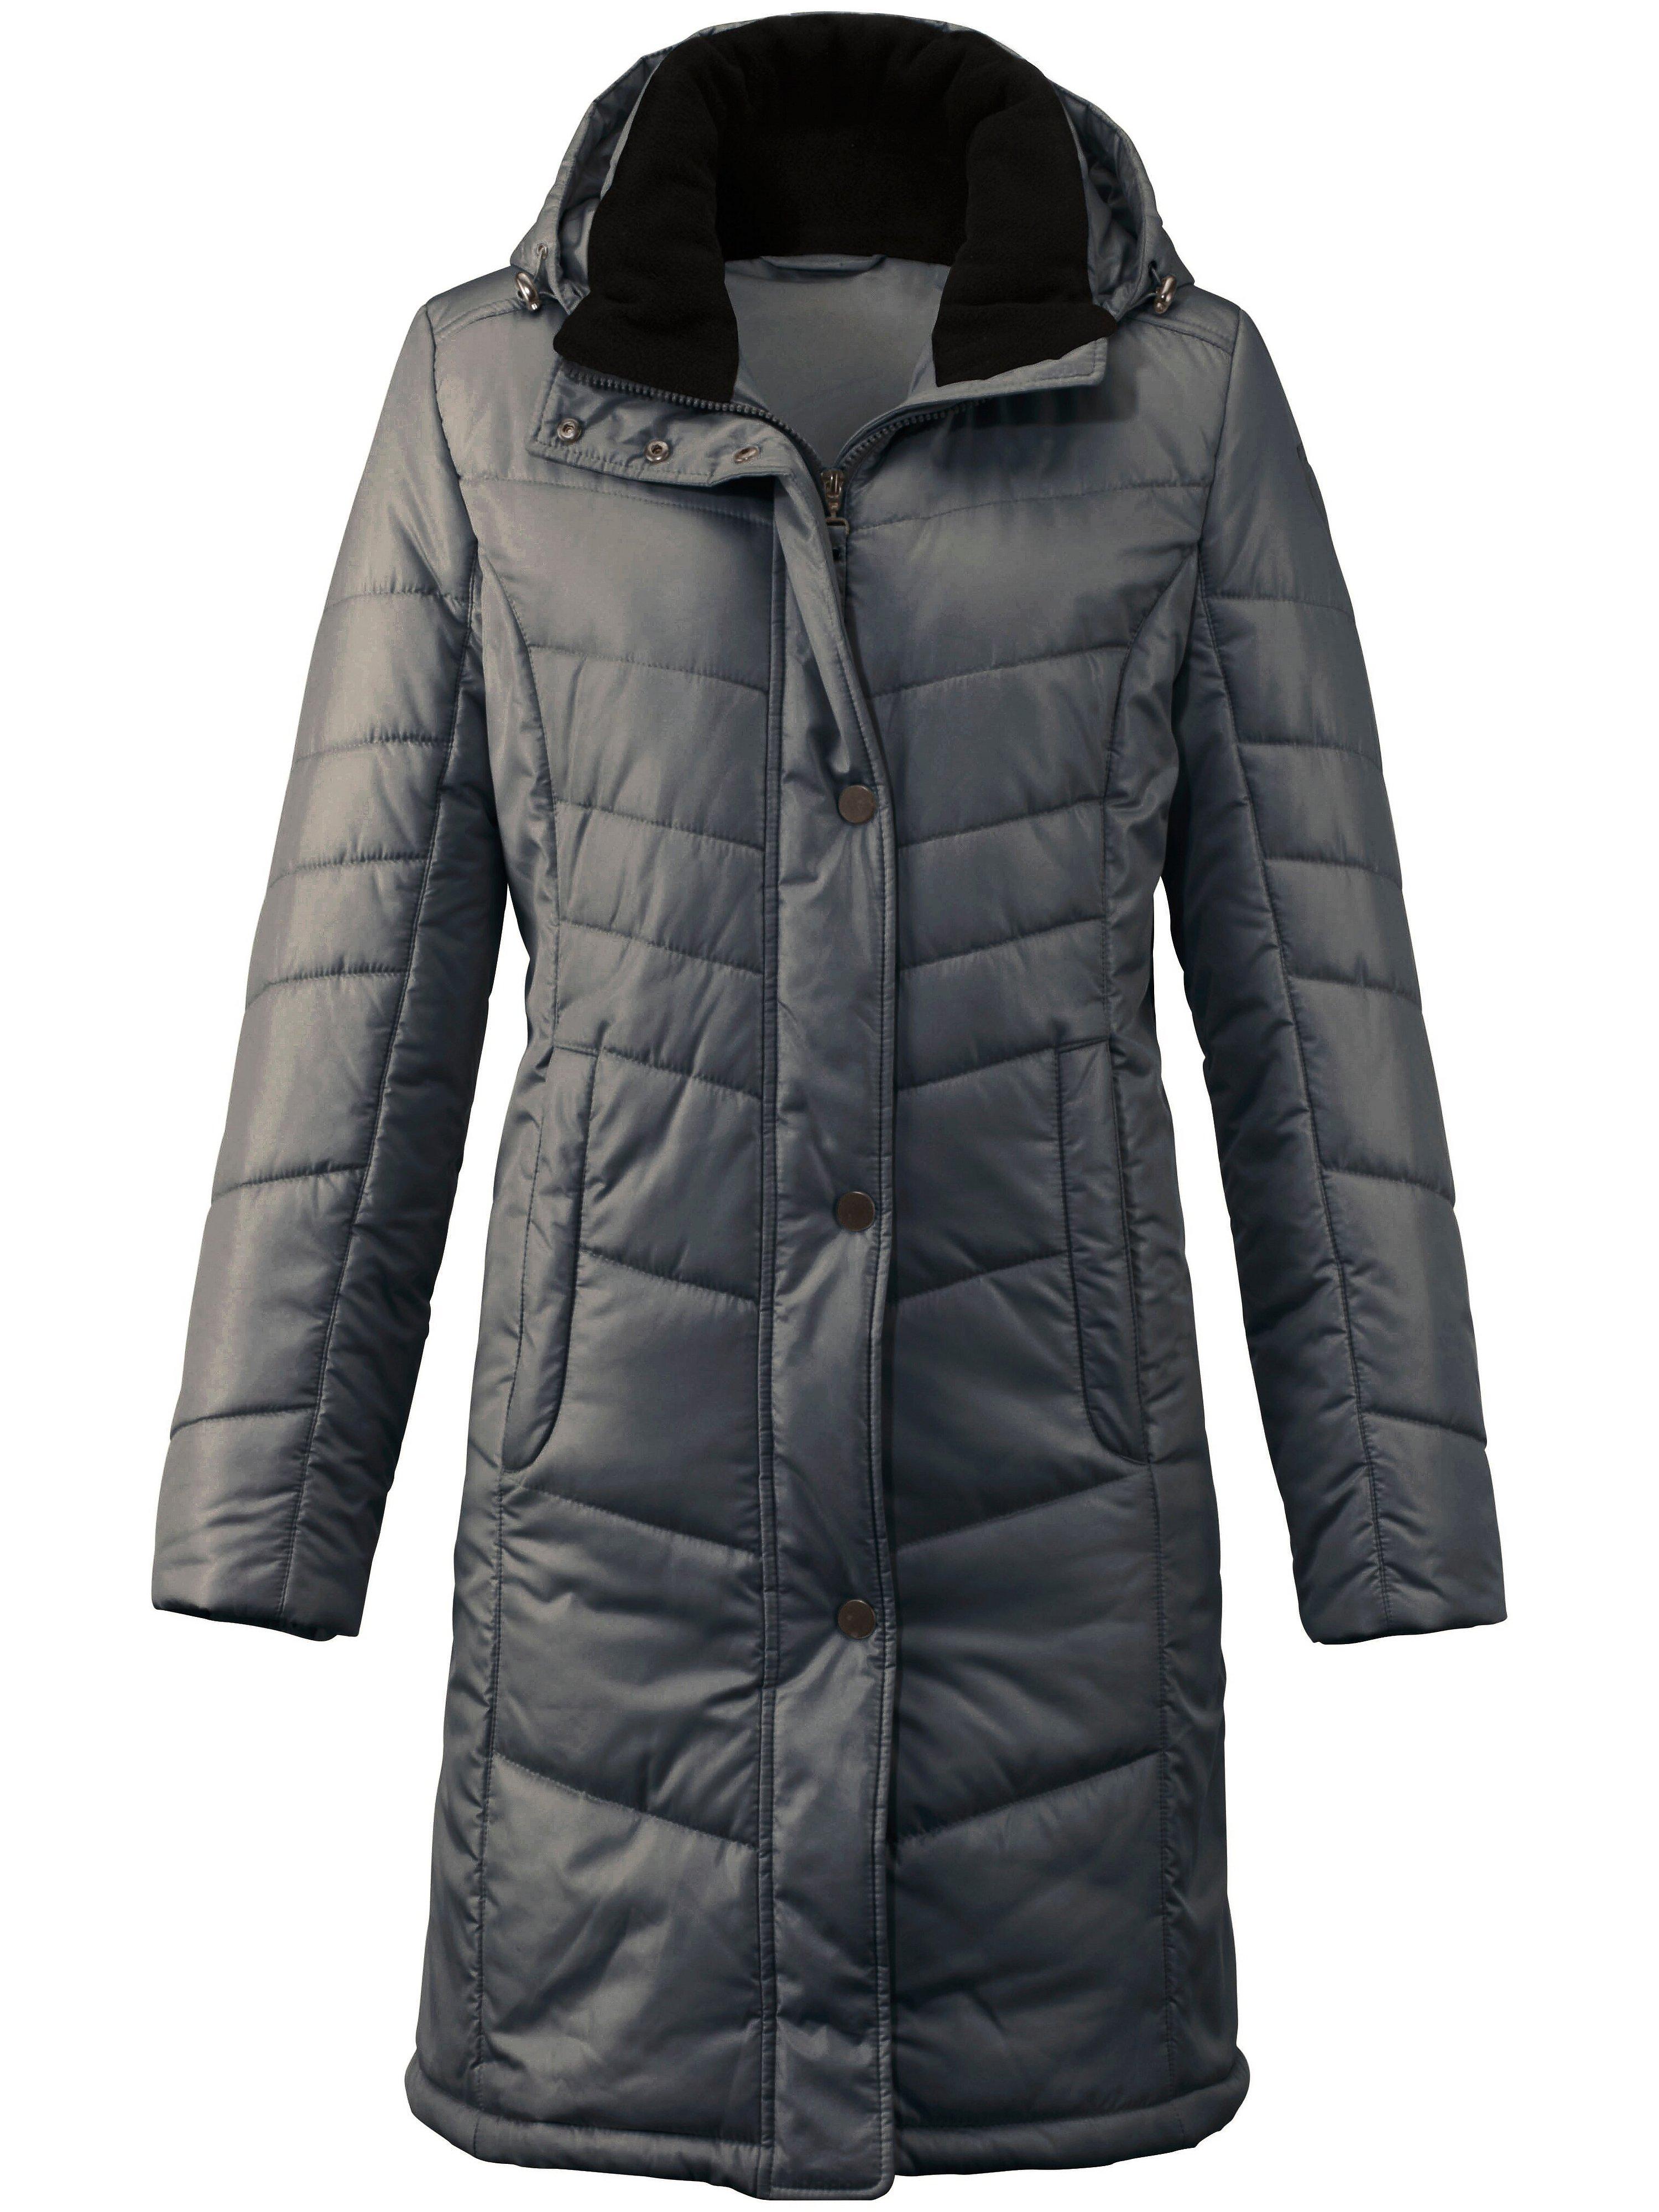 Le manteau matelassé  Peter Hahn vert taille 54